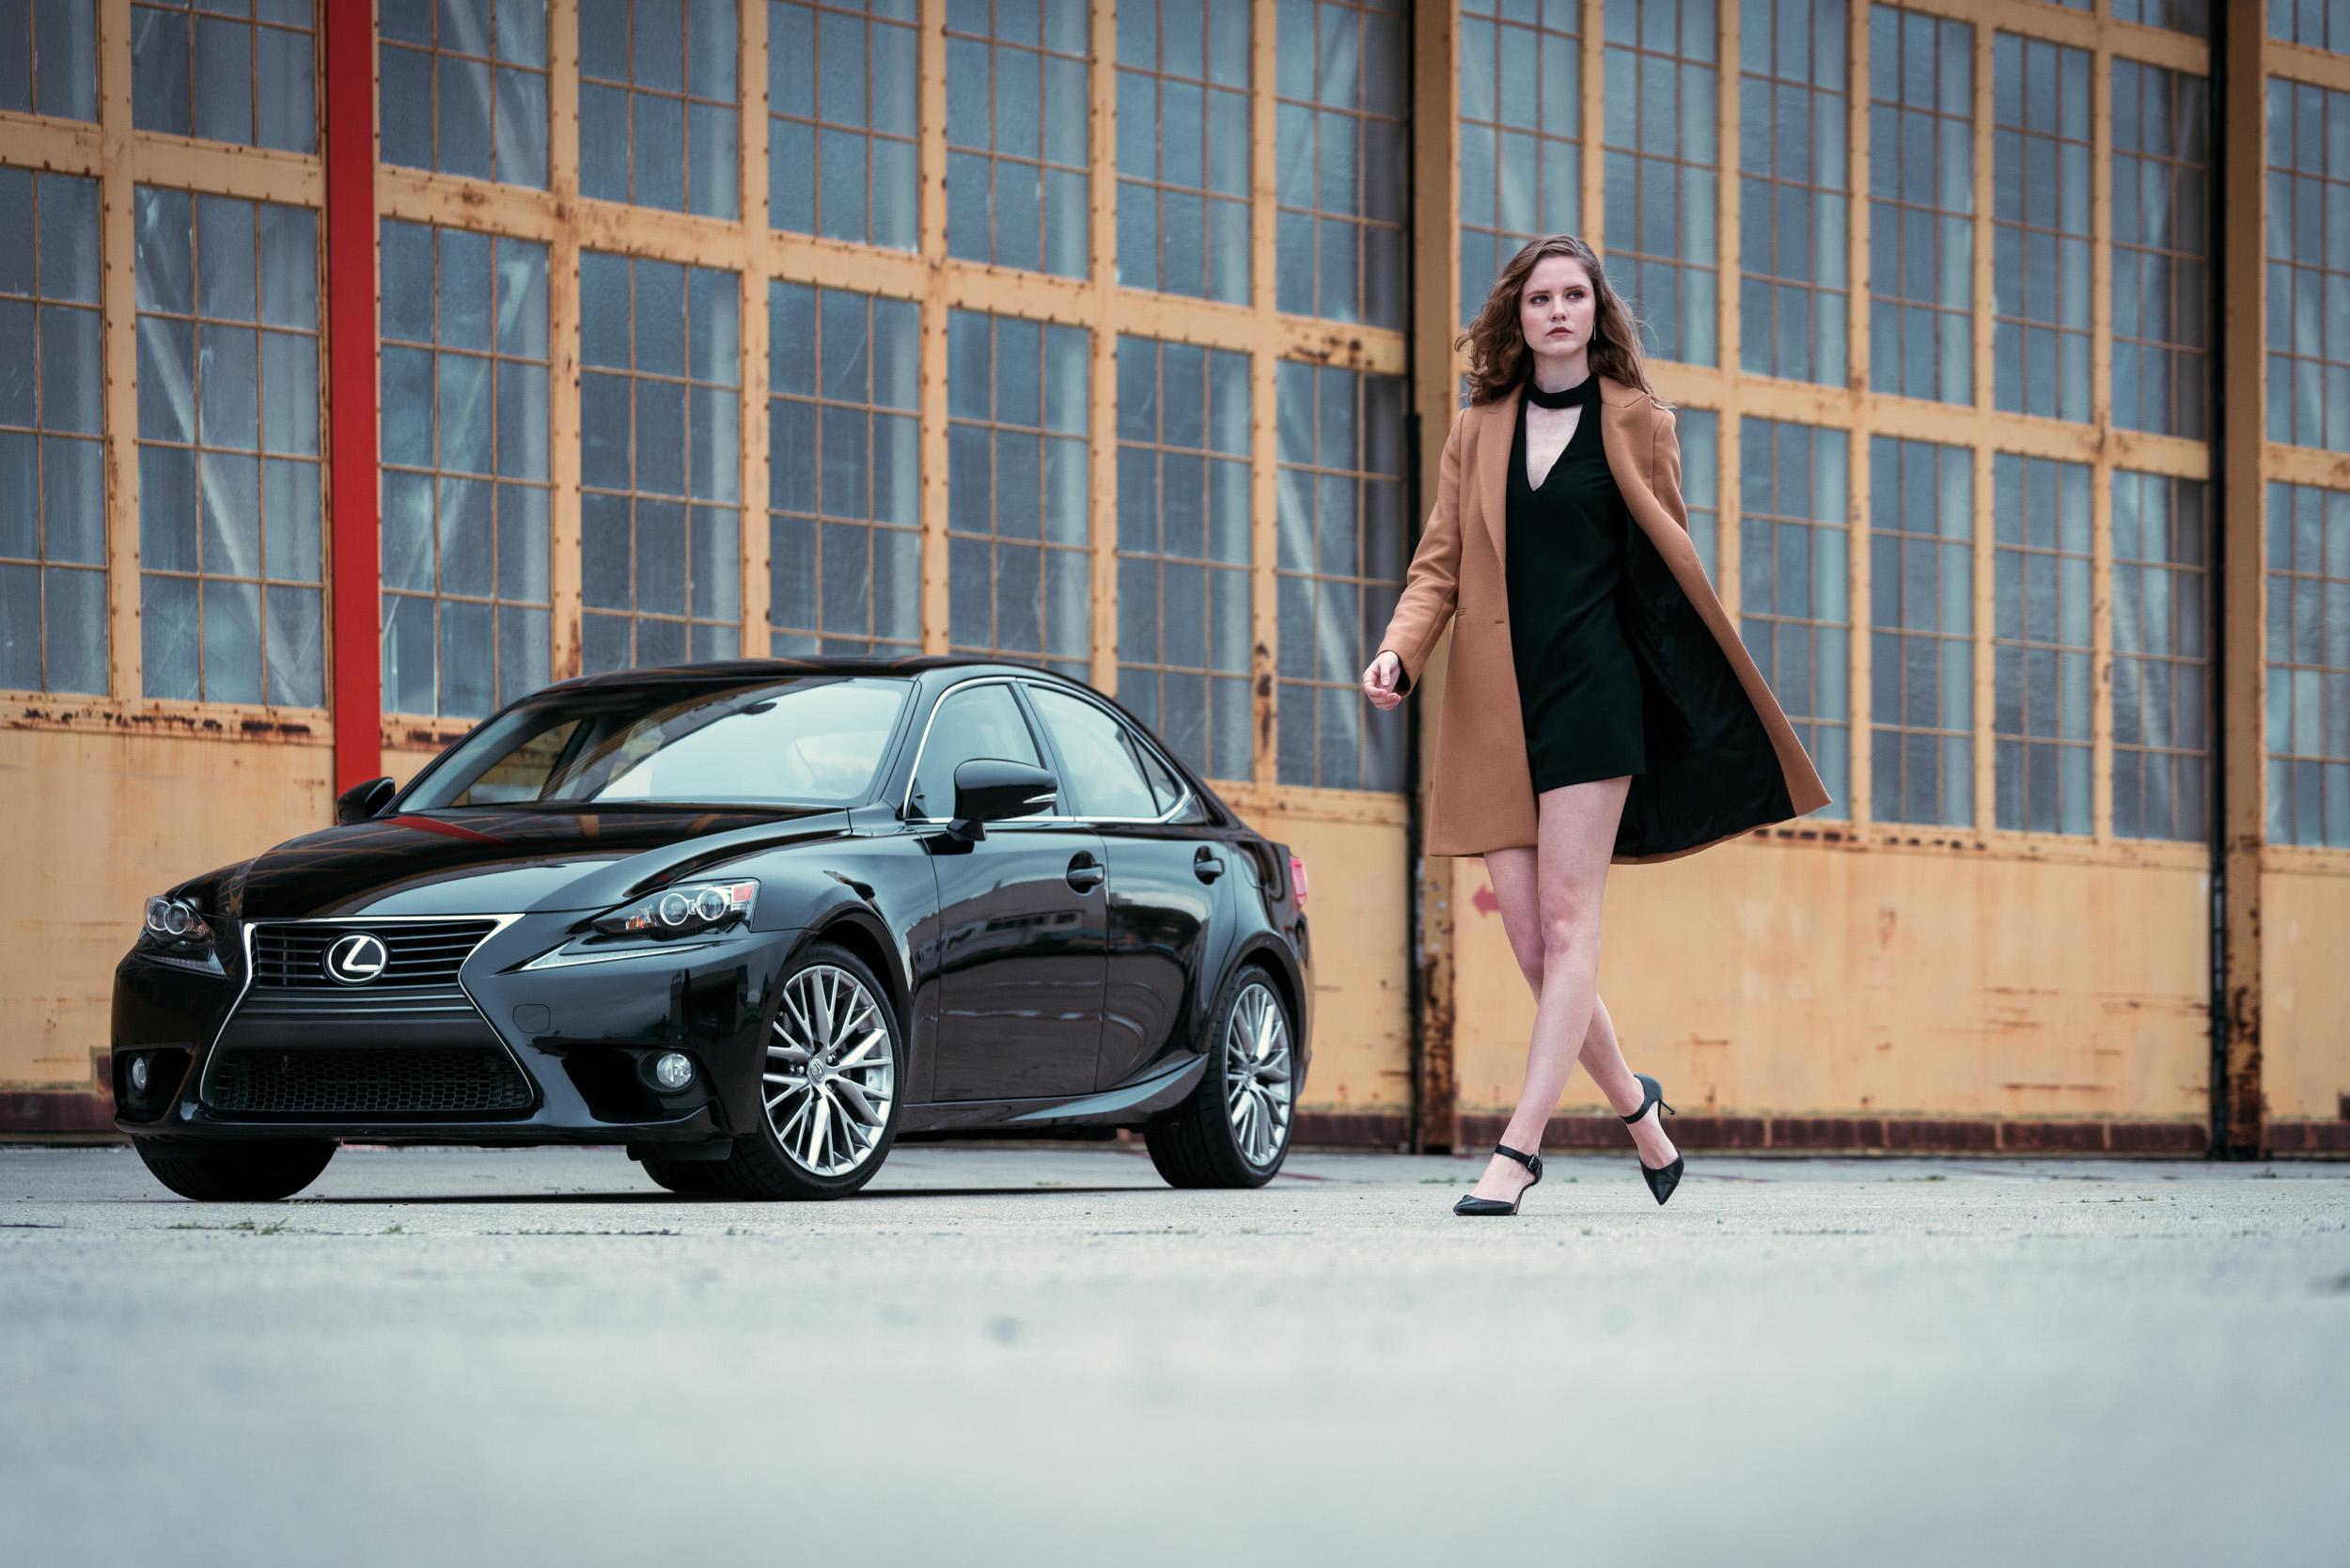 Objktv_SQ_OBJKTV_MaxRes_Automotive_Lexus_BAX-4843 (1).jpg